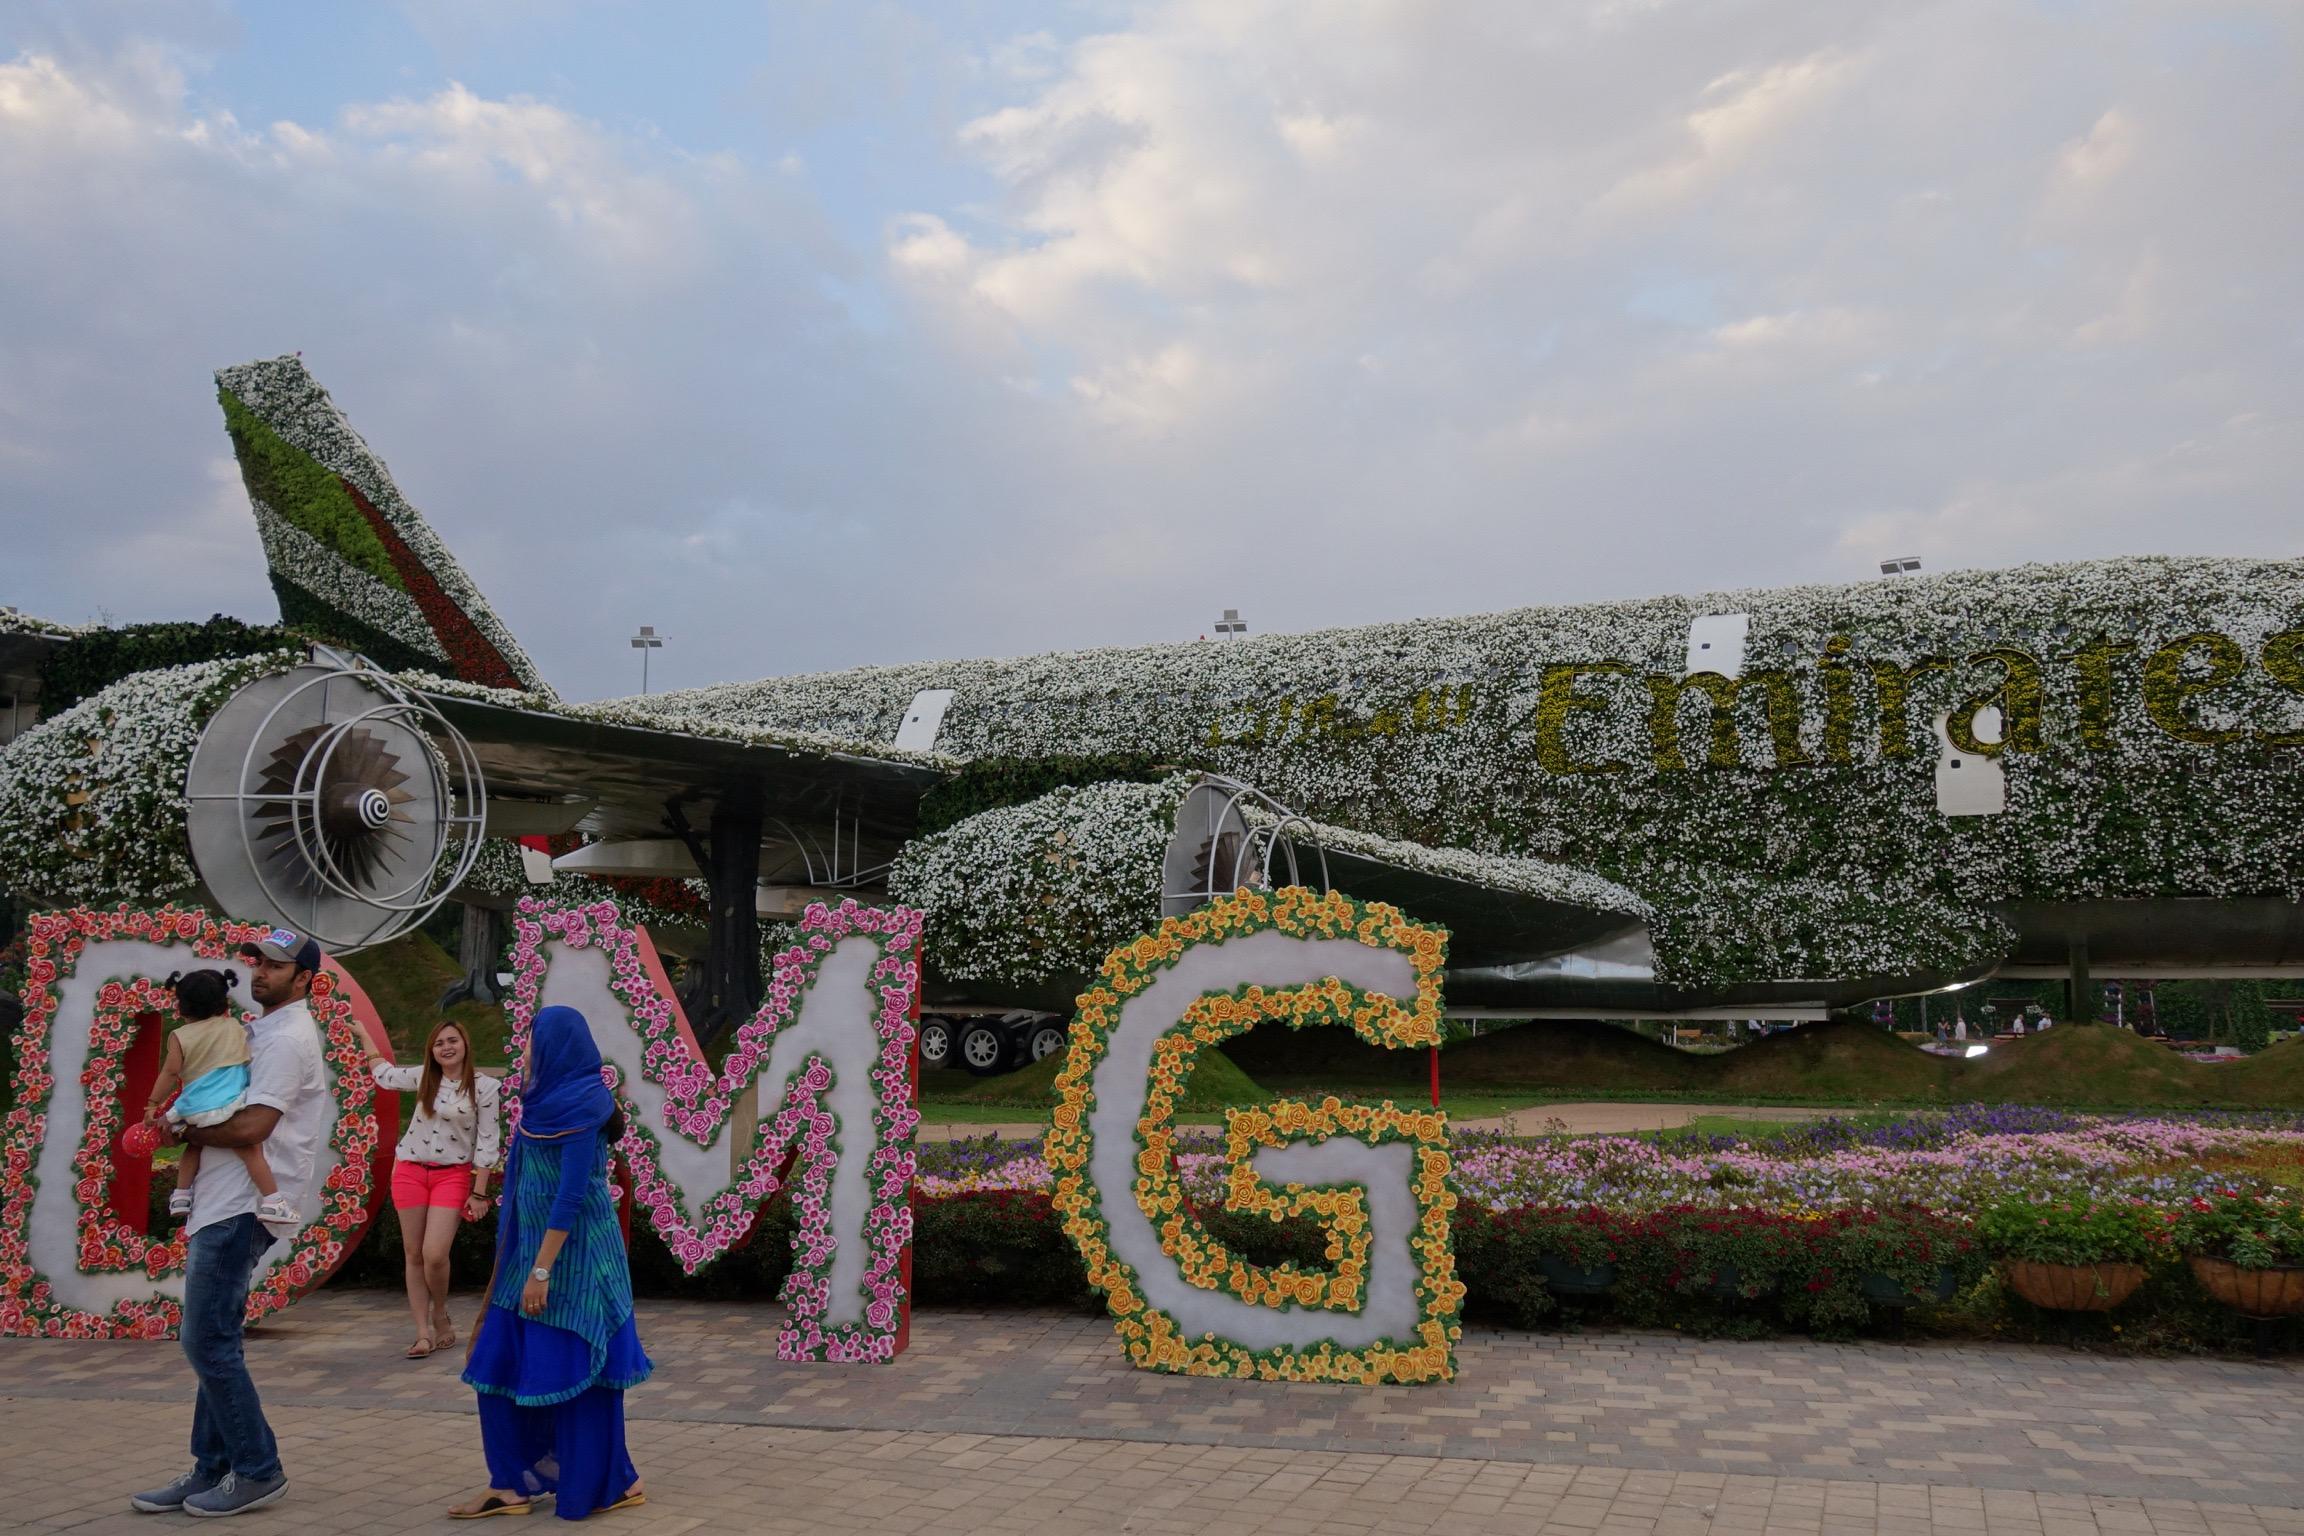 dubai miracle gardens airplane emirates